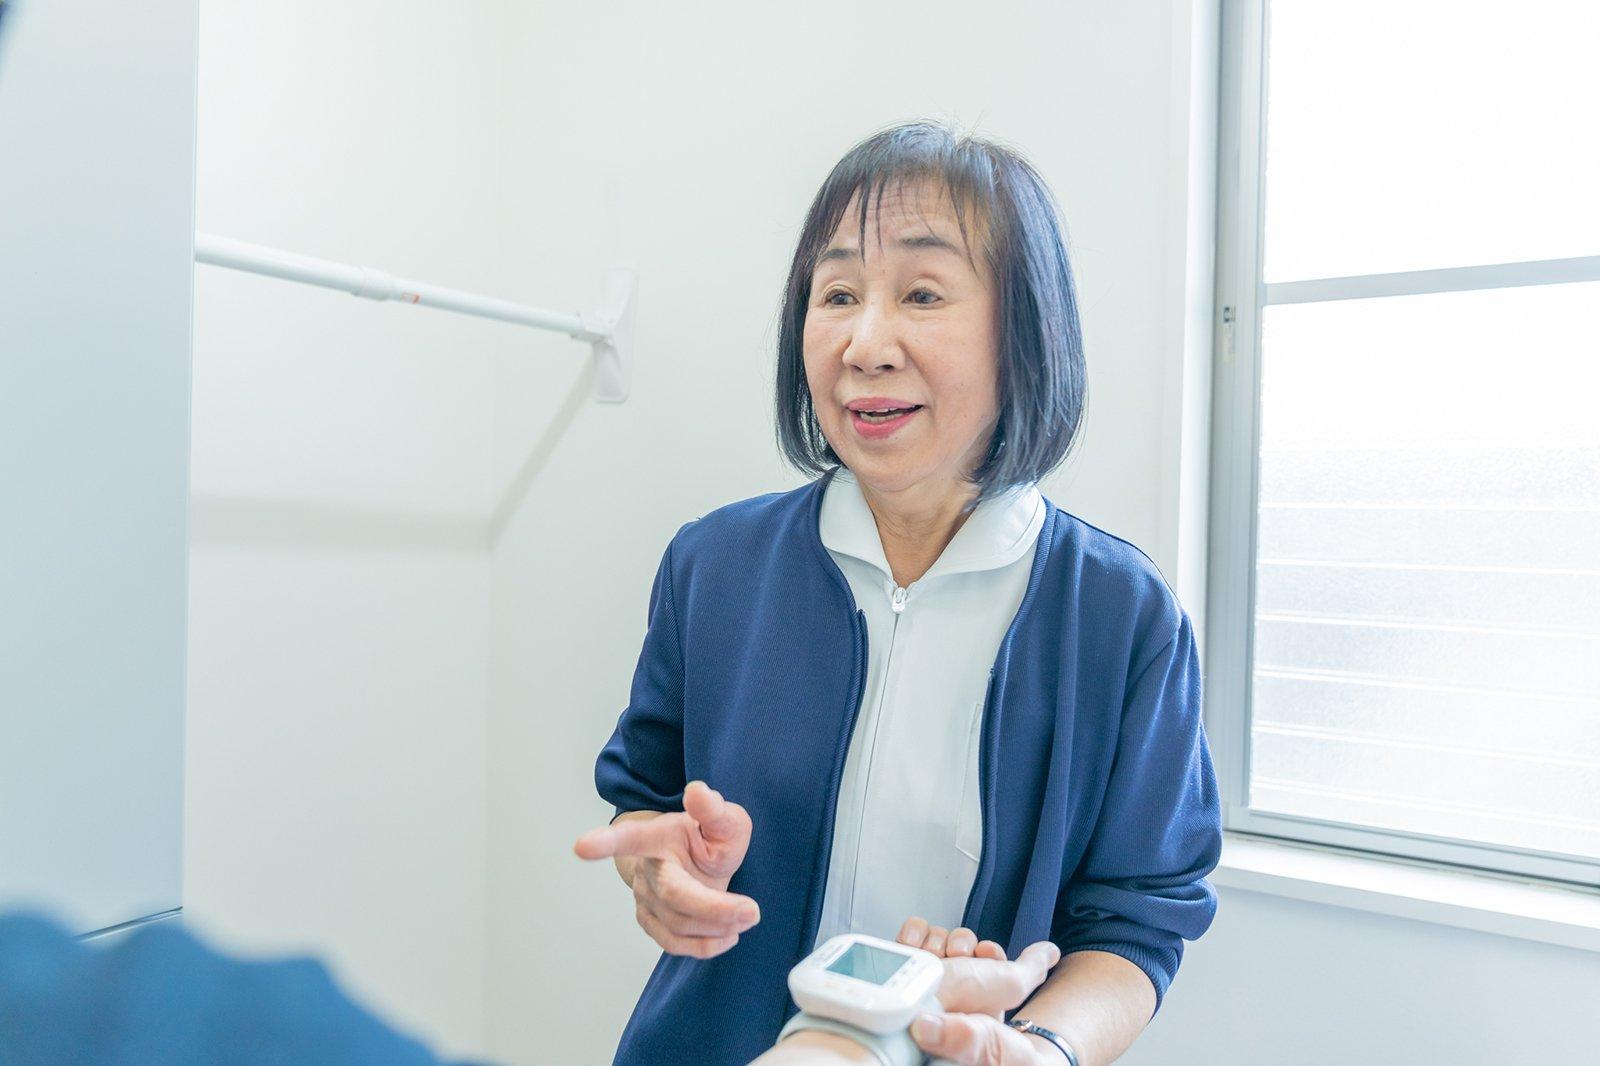 社会福祉法人名張育成会 - 特別養護老人ホーム グランツァ/看護師(正規職員)